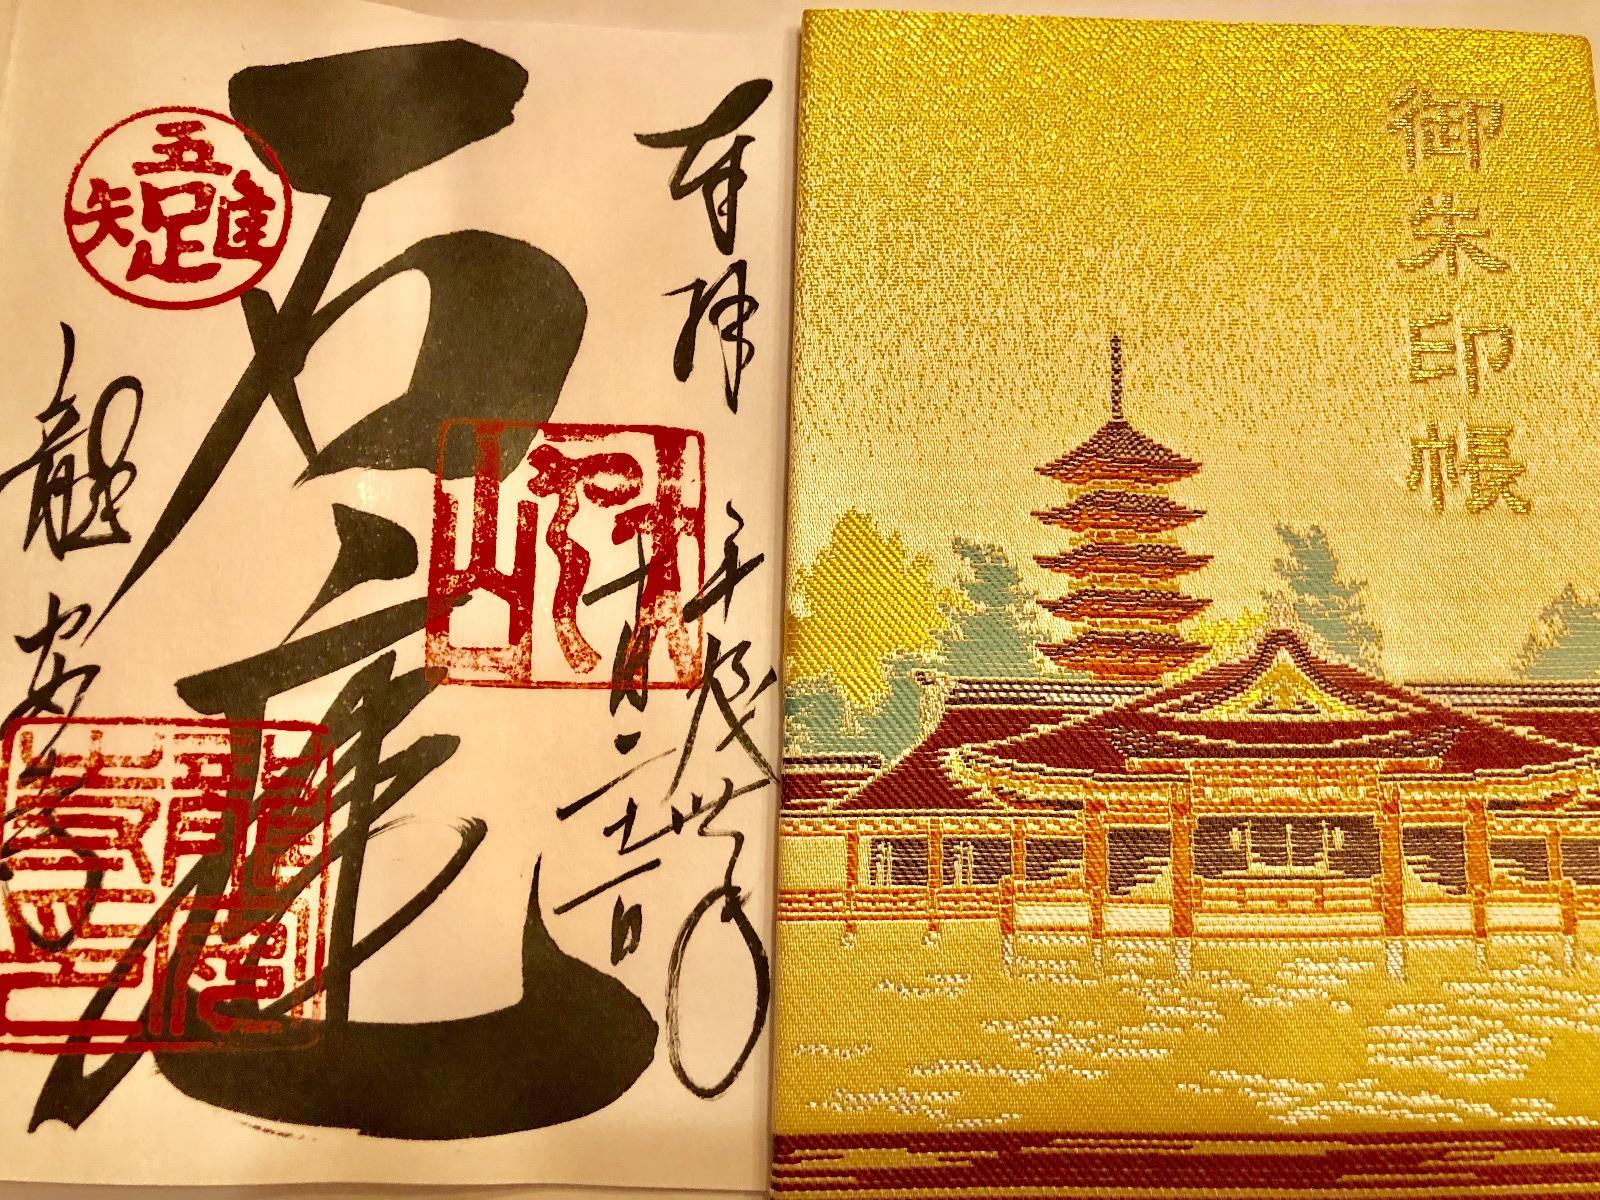 https://www.eberhardt-travel.de/reisebilder/reisetipp/goshuin-ein-persoenliches-souvenir-aus-japan/original/1691686